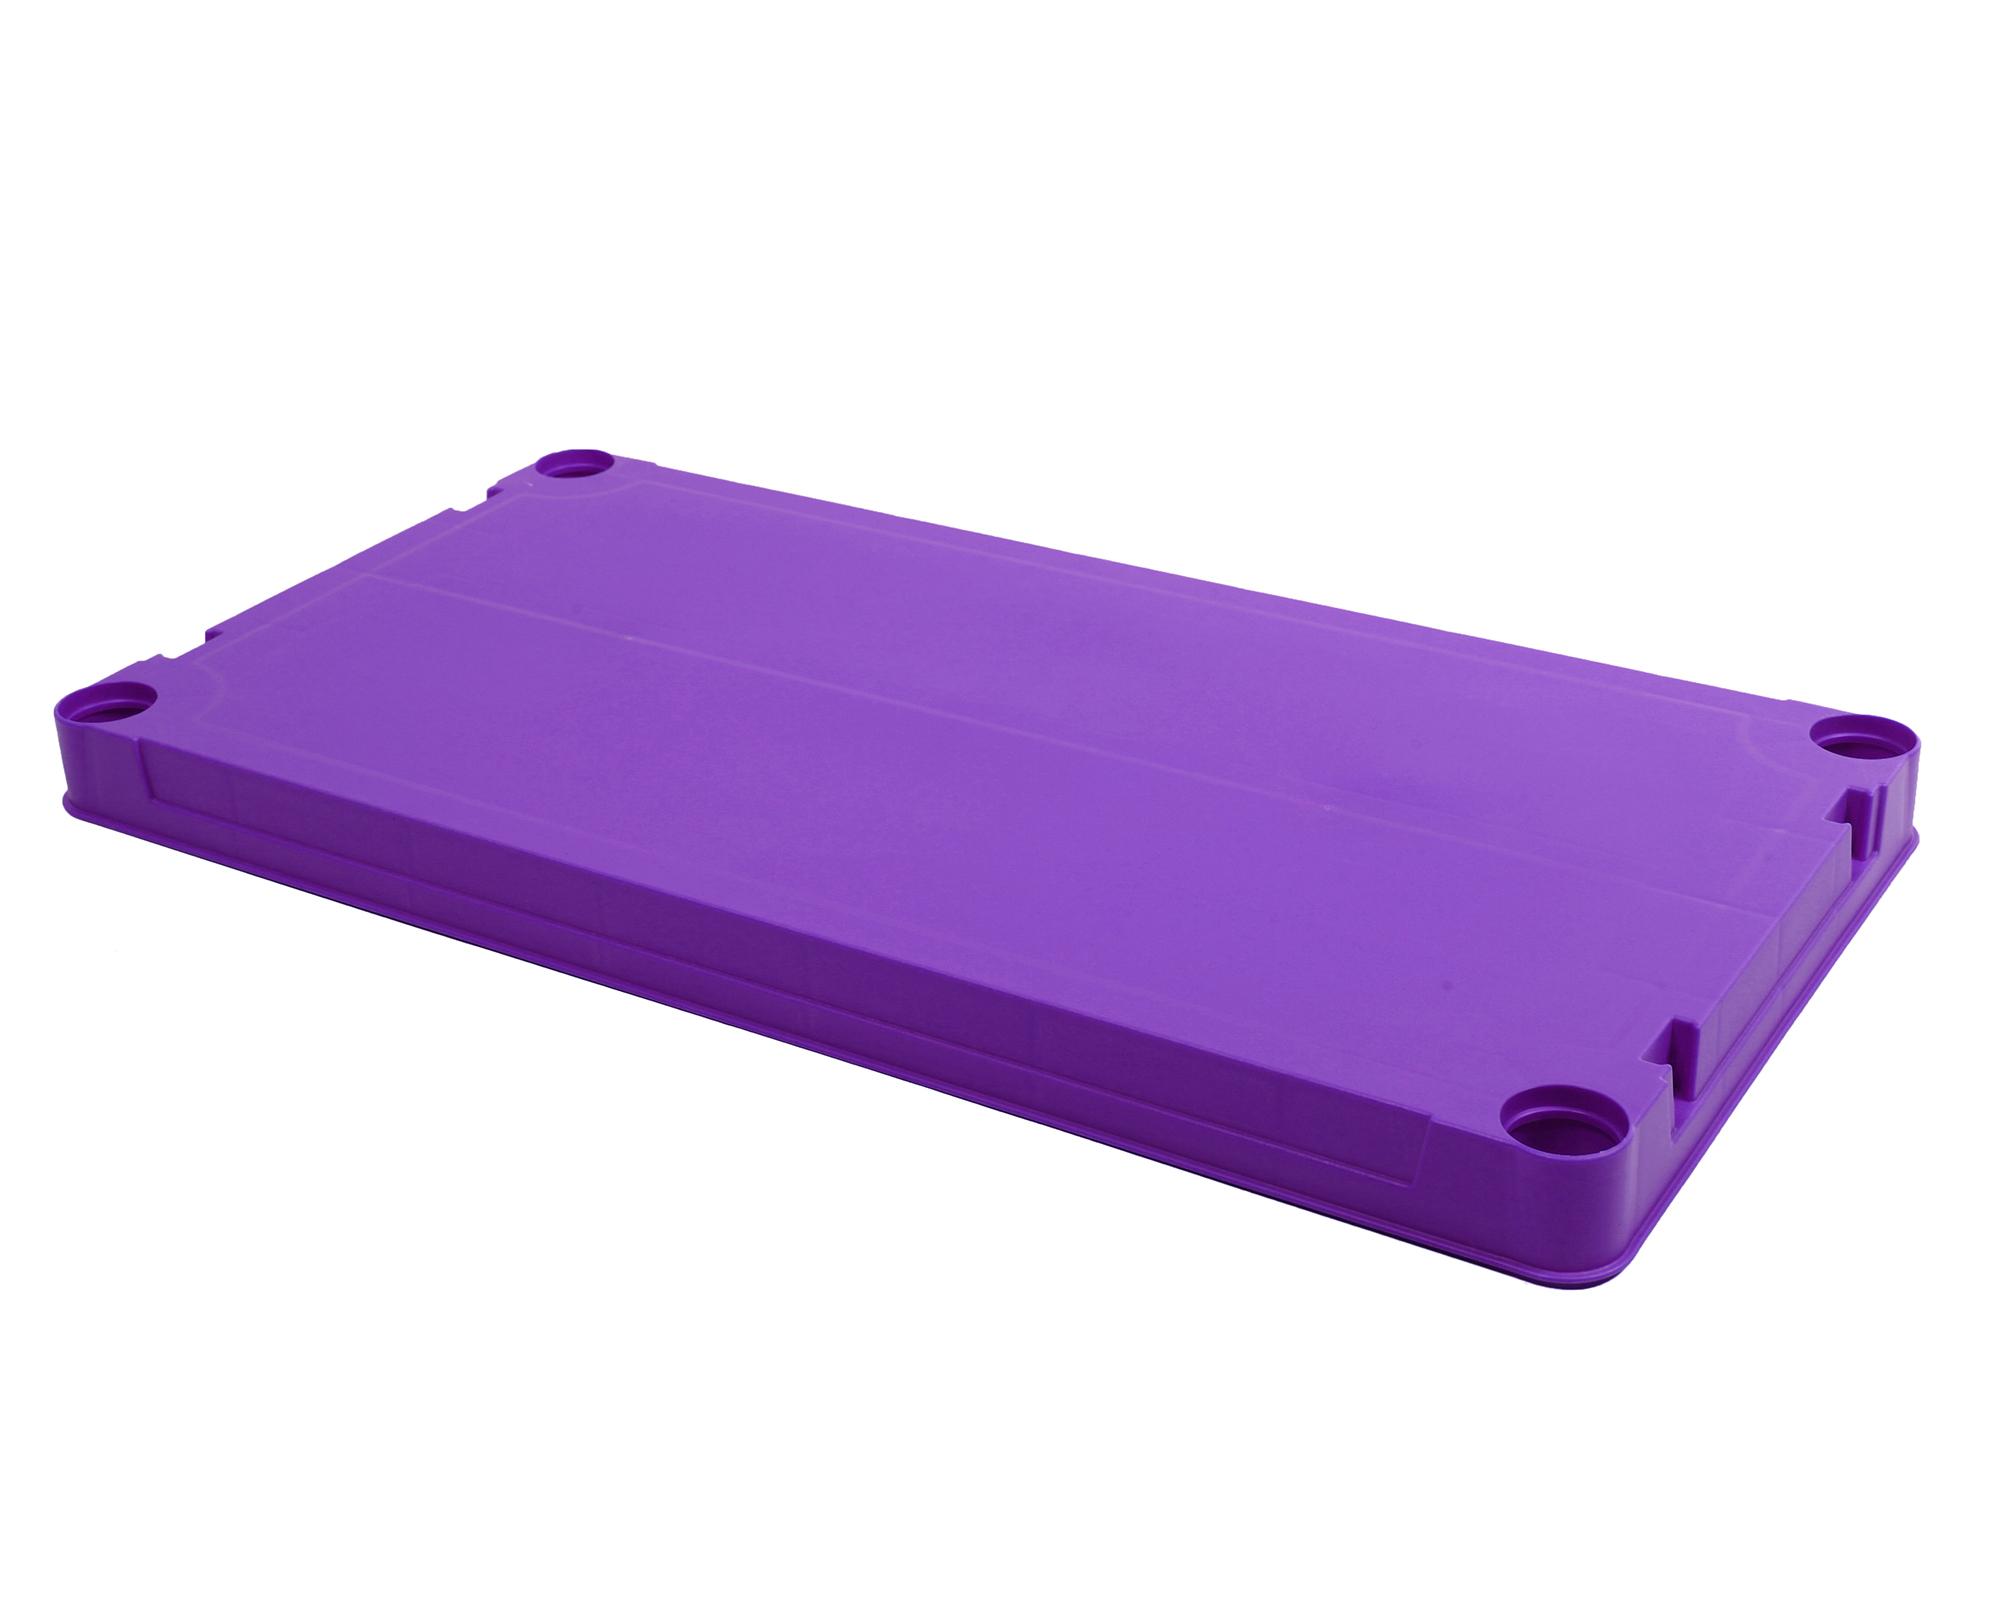 ondis24 kunststoffregal steckregal violett 60 x 30 g nstig online kaufen. Black Bedroom Furniture Sets. Home Design Ideas